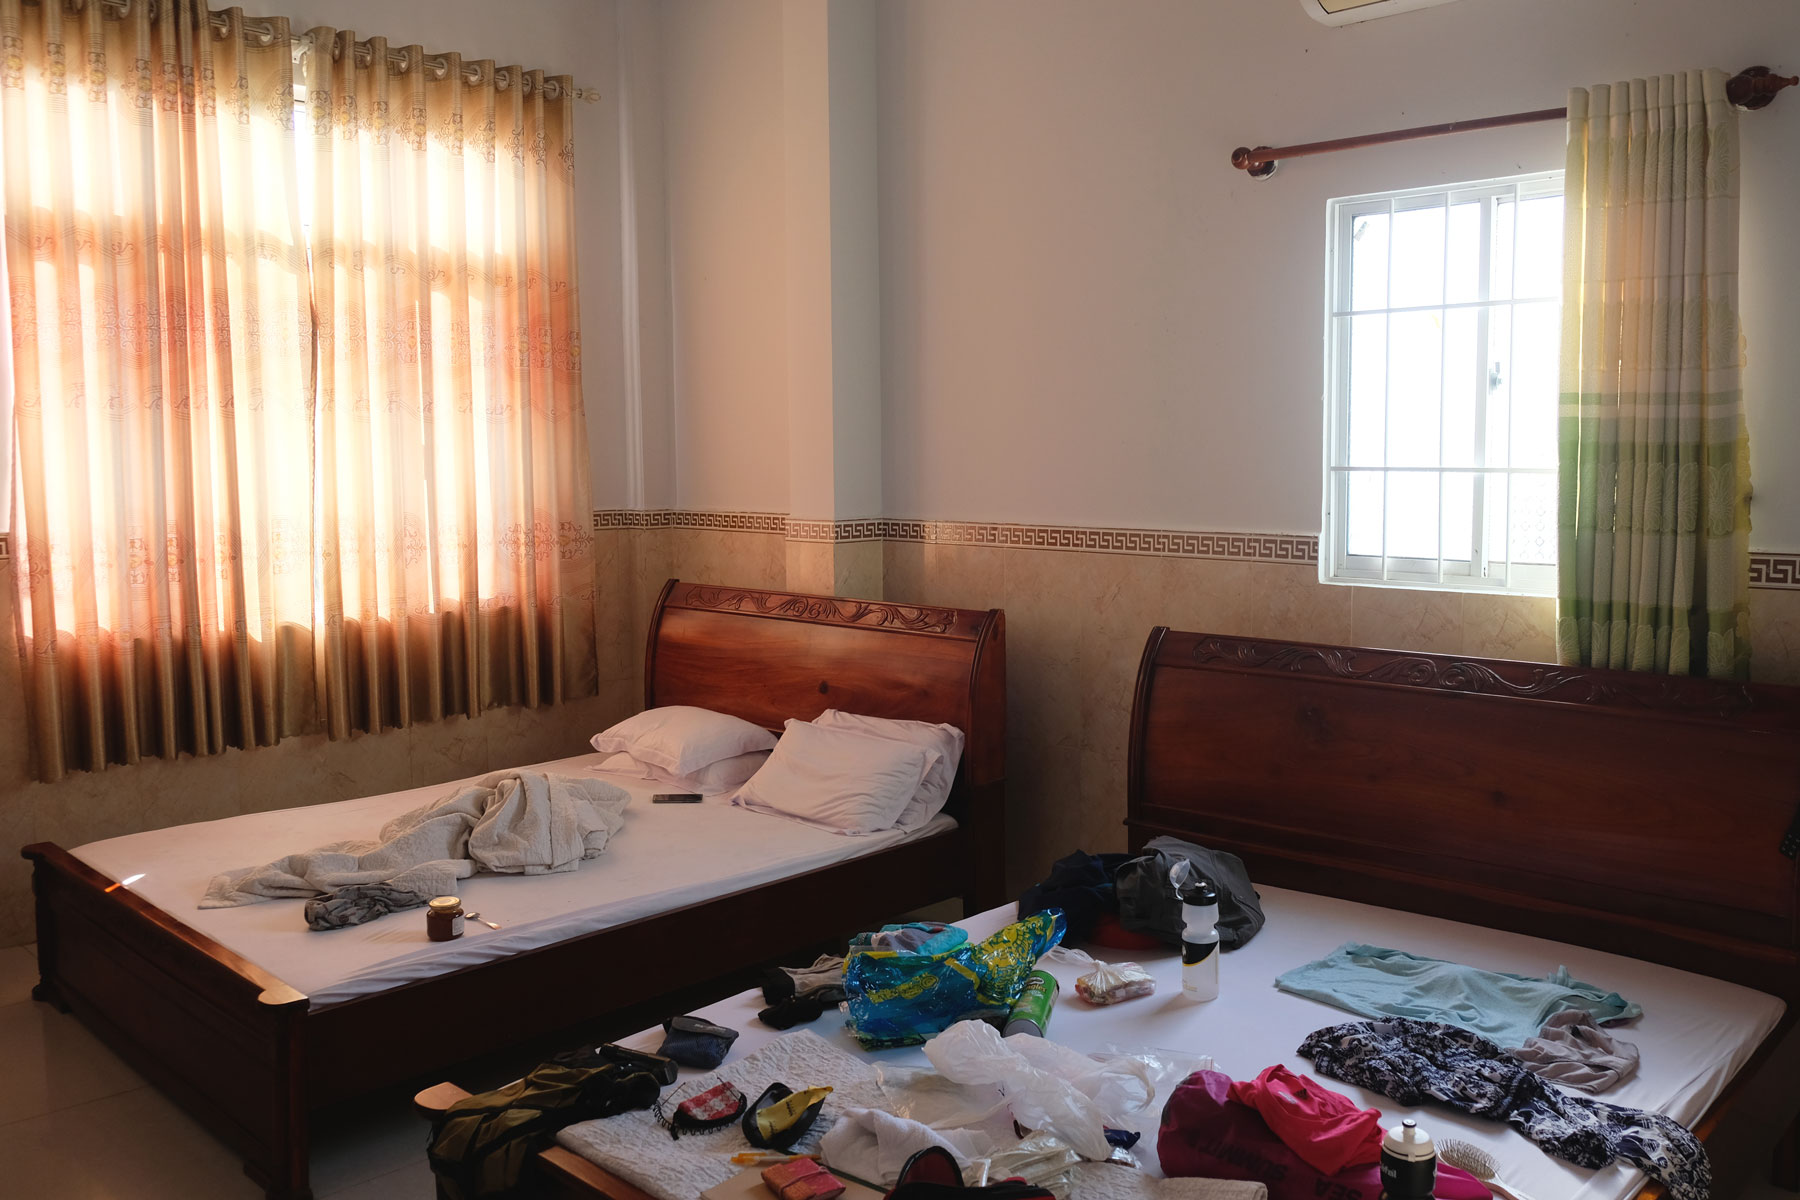 Blick in unser Zimmer in einem Nha Nghi, einem Gästehaus, in Vietnam.